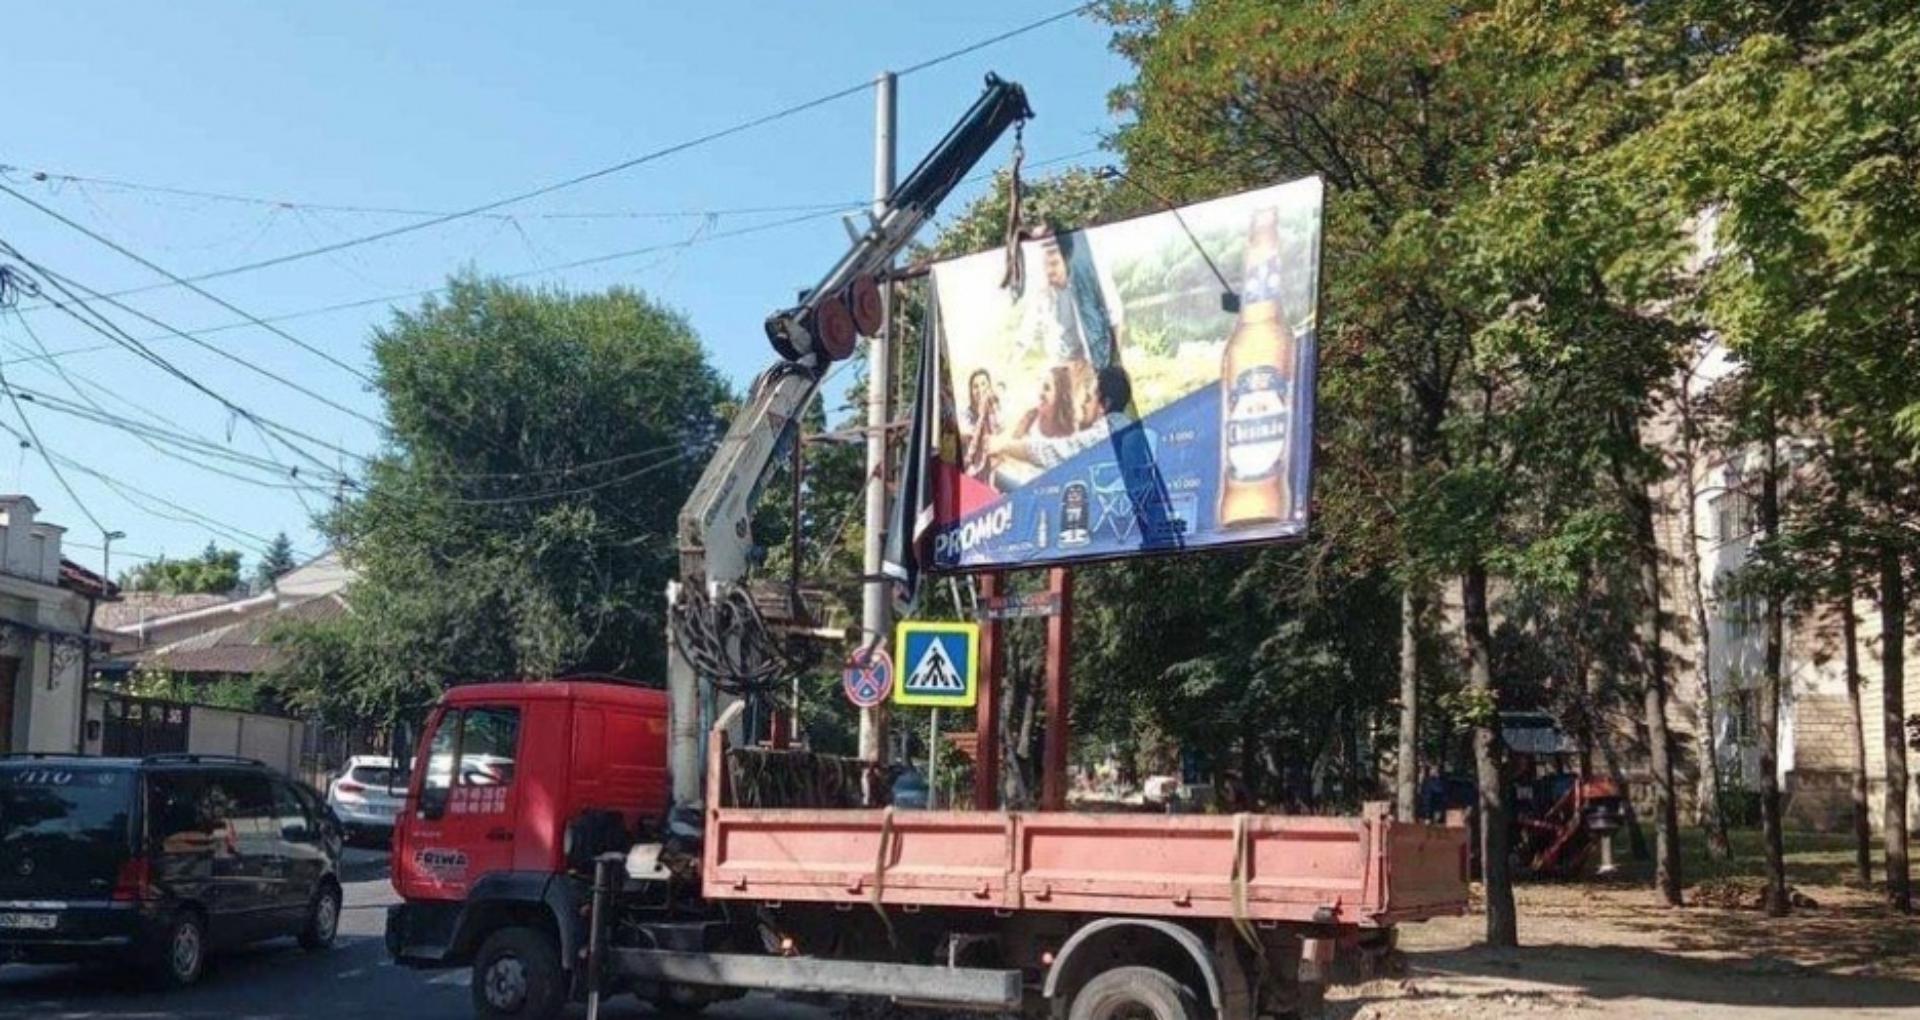 Primăria Chișinău: Alte 68 de panouri publicitare vor fi demontate şi evacuate de pe străzile capitalei